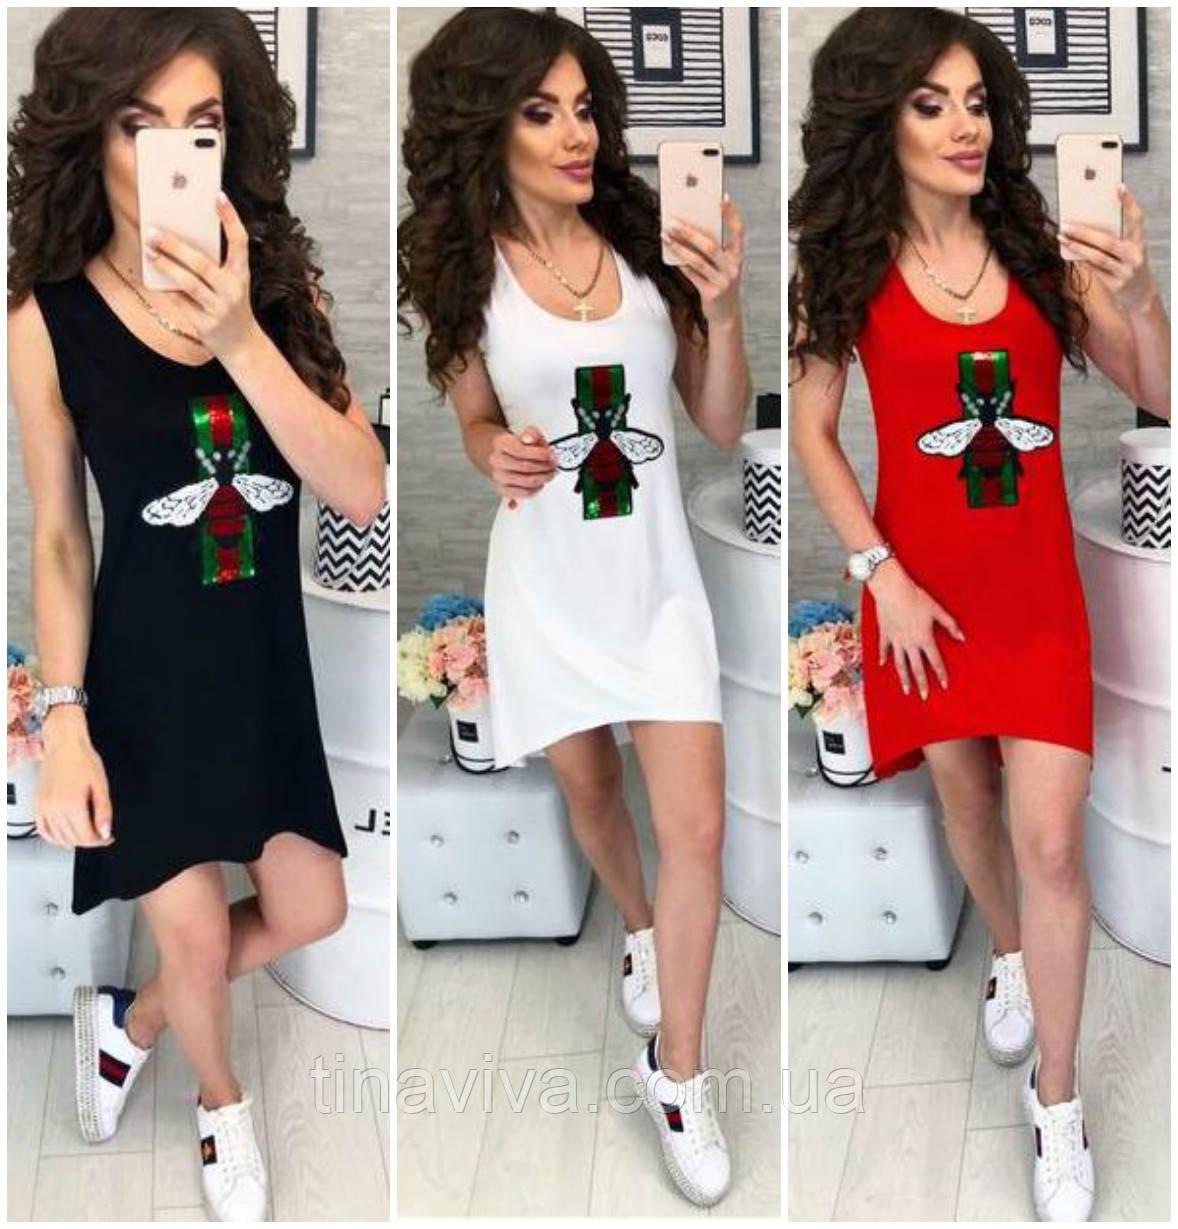 02a486eb490d Платье Gucci (гуччи) гучи , с пчелой реплика ТРИ ЦВЕТА - интернет магазин  одежды